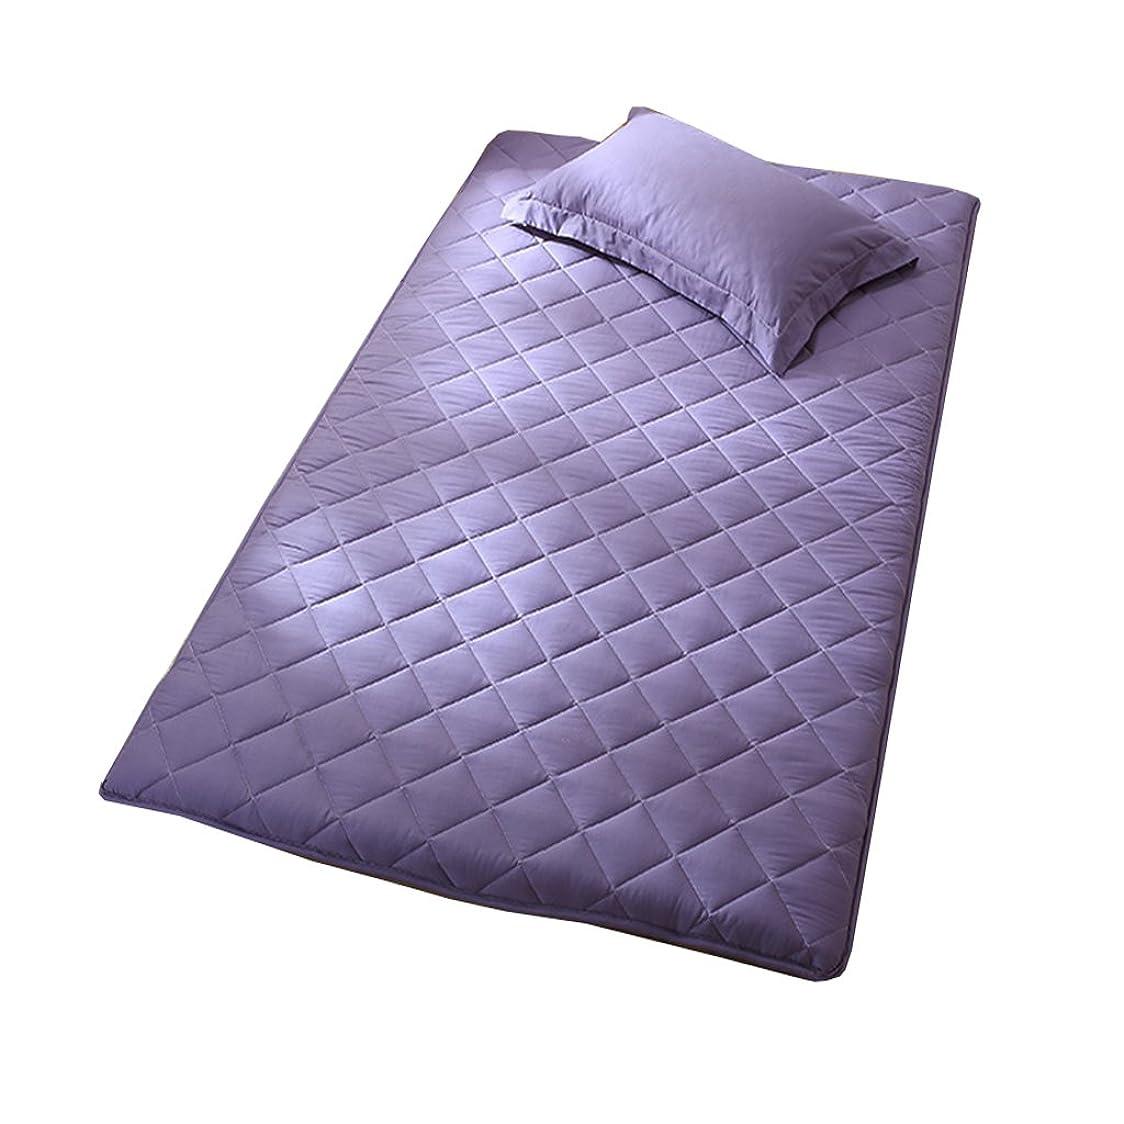 啓発する製油所エーカーNclon 通気性 防湿 マットレス,厚く マットレス シングル,シングルベッド ダブルベッド 100% 綿 式 キルティング-パープル 120*200cm